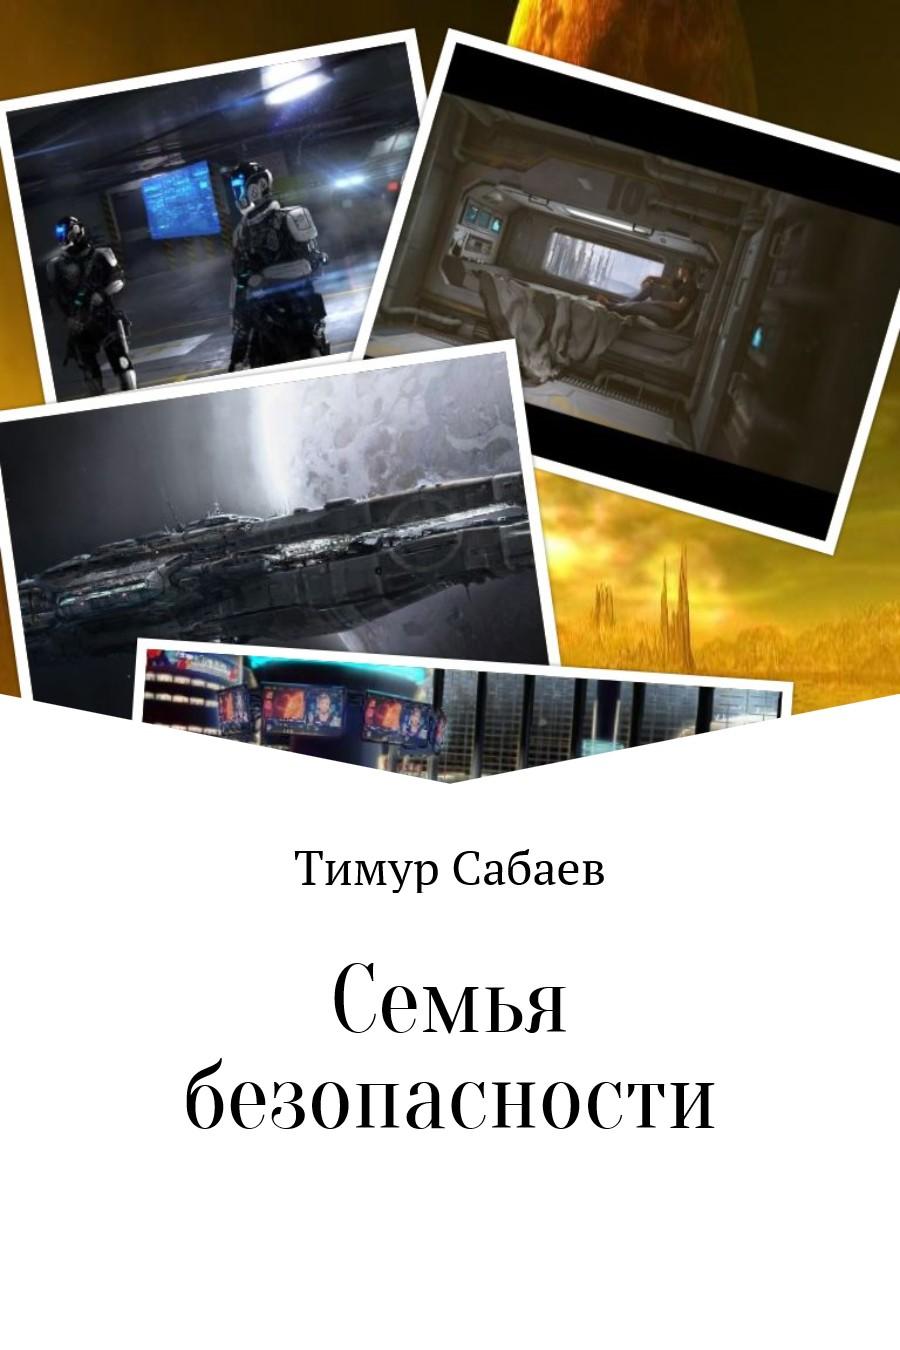 7e6246d020be Тимур Сабаев. Семья безопасности скачать в fb2 pdf - читать онлайн